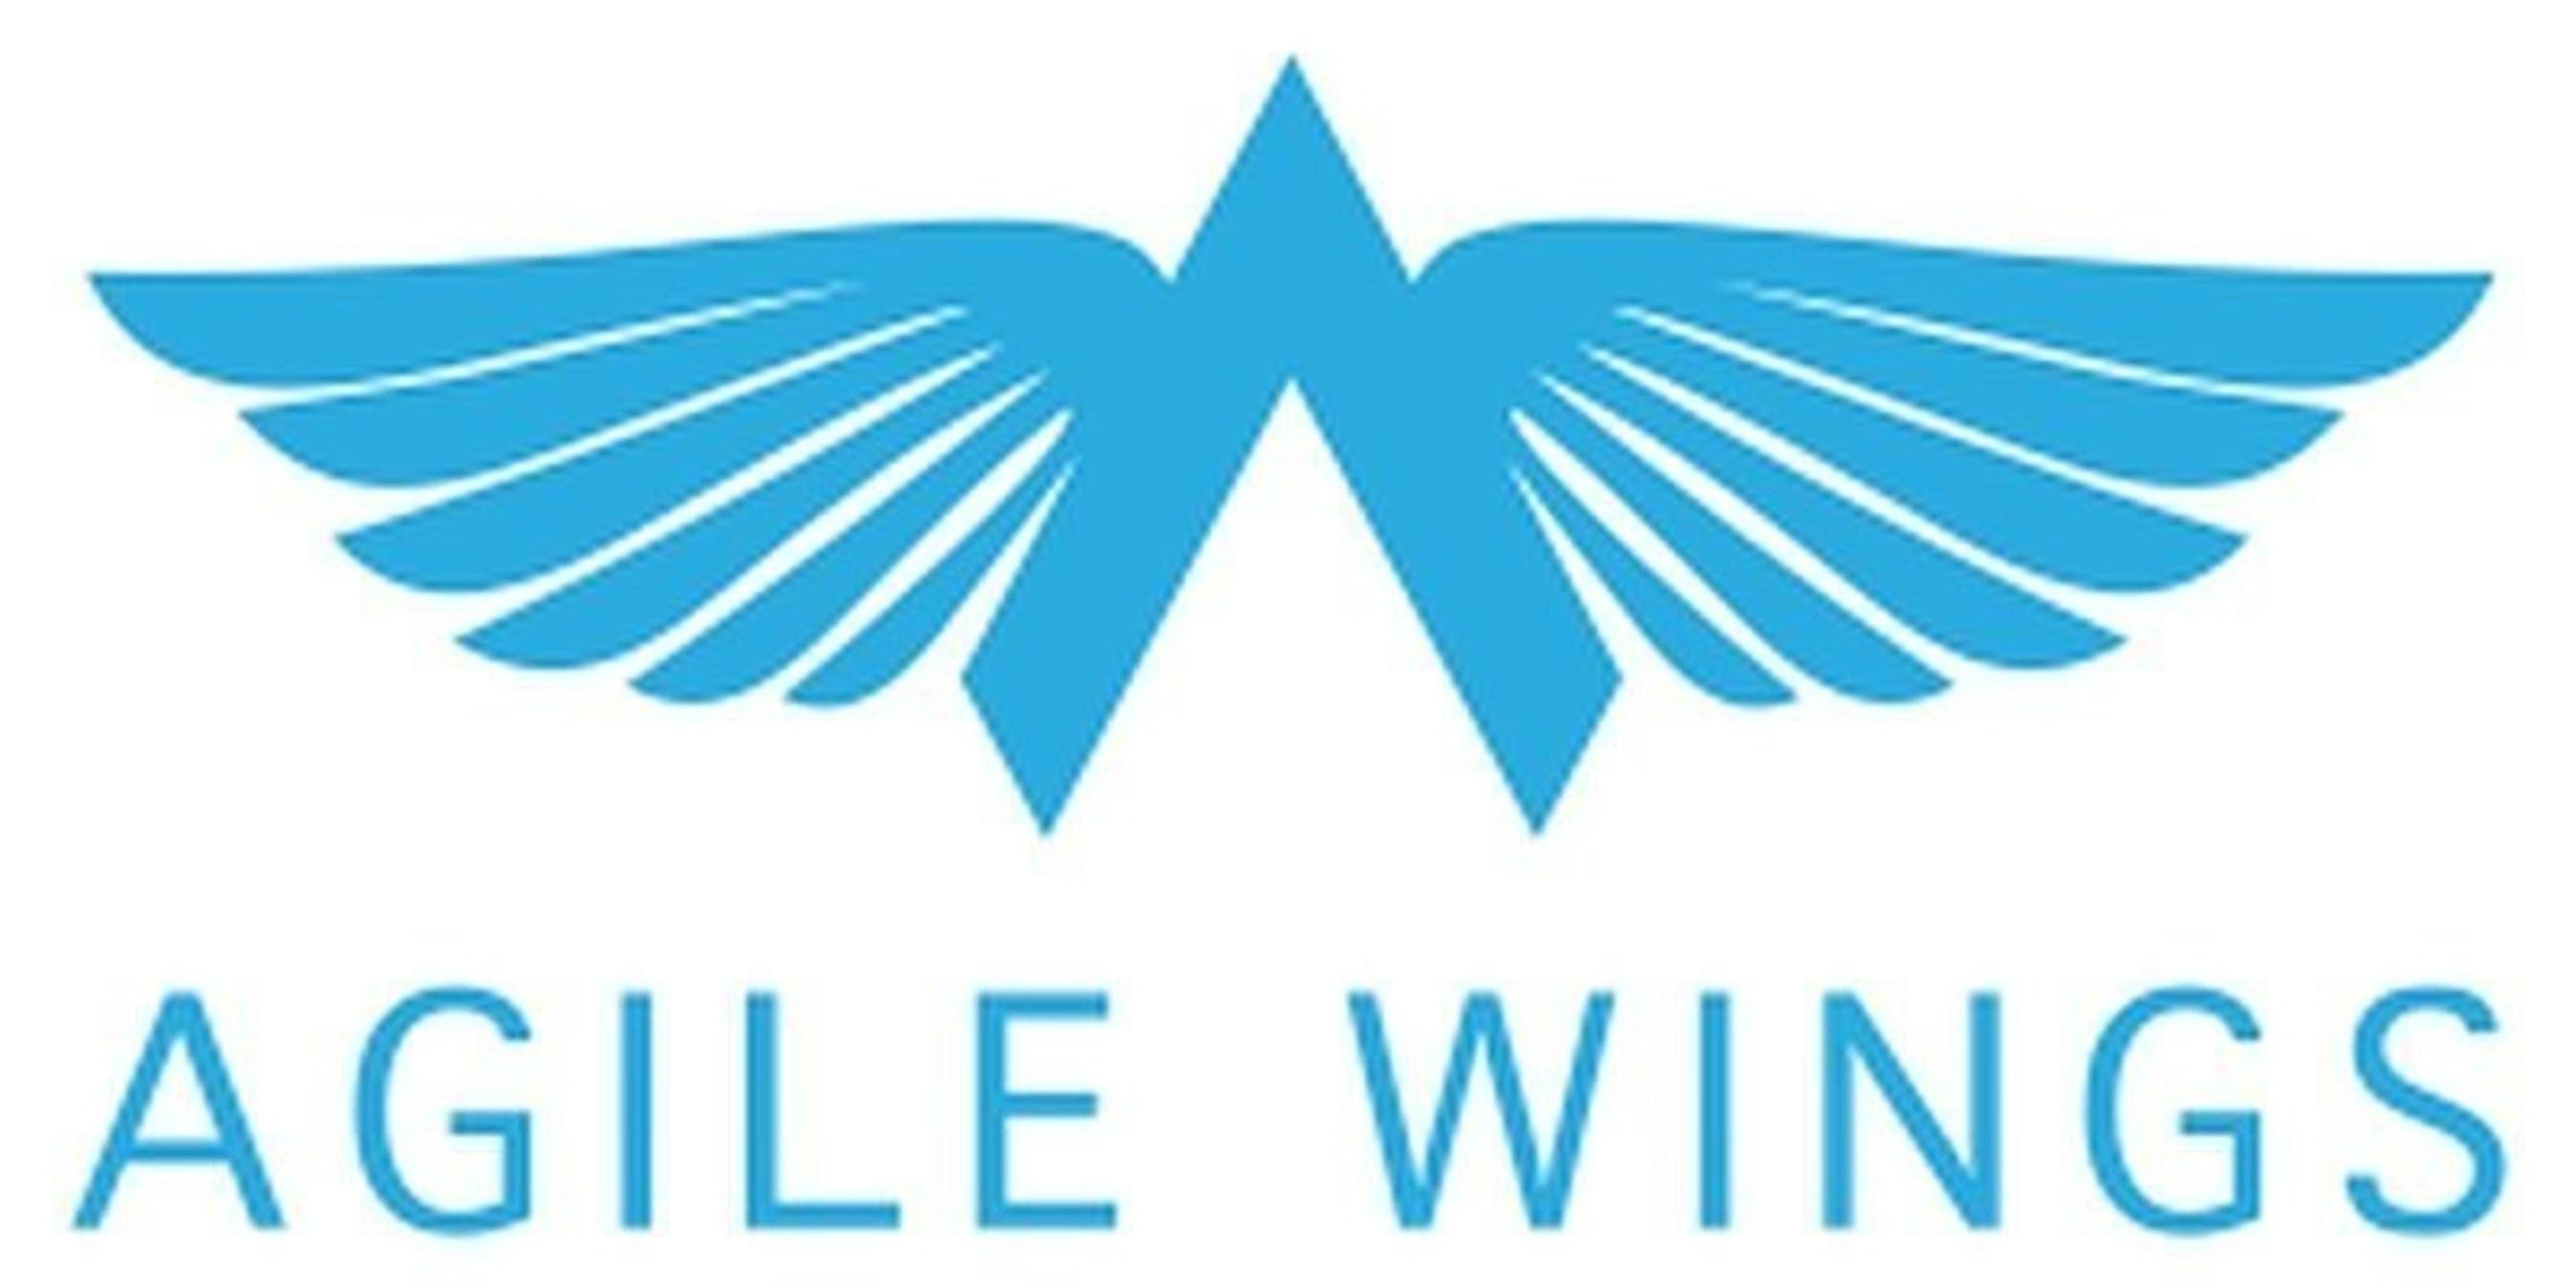 Agile Wings Logo (PRNewsFoto/AGILE WINGS LTD) (PRNewsFoto/AGILE WINGS LTD)